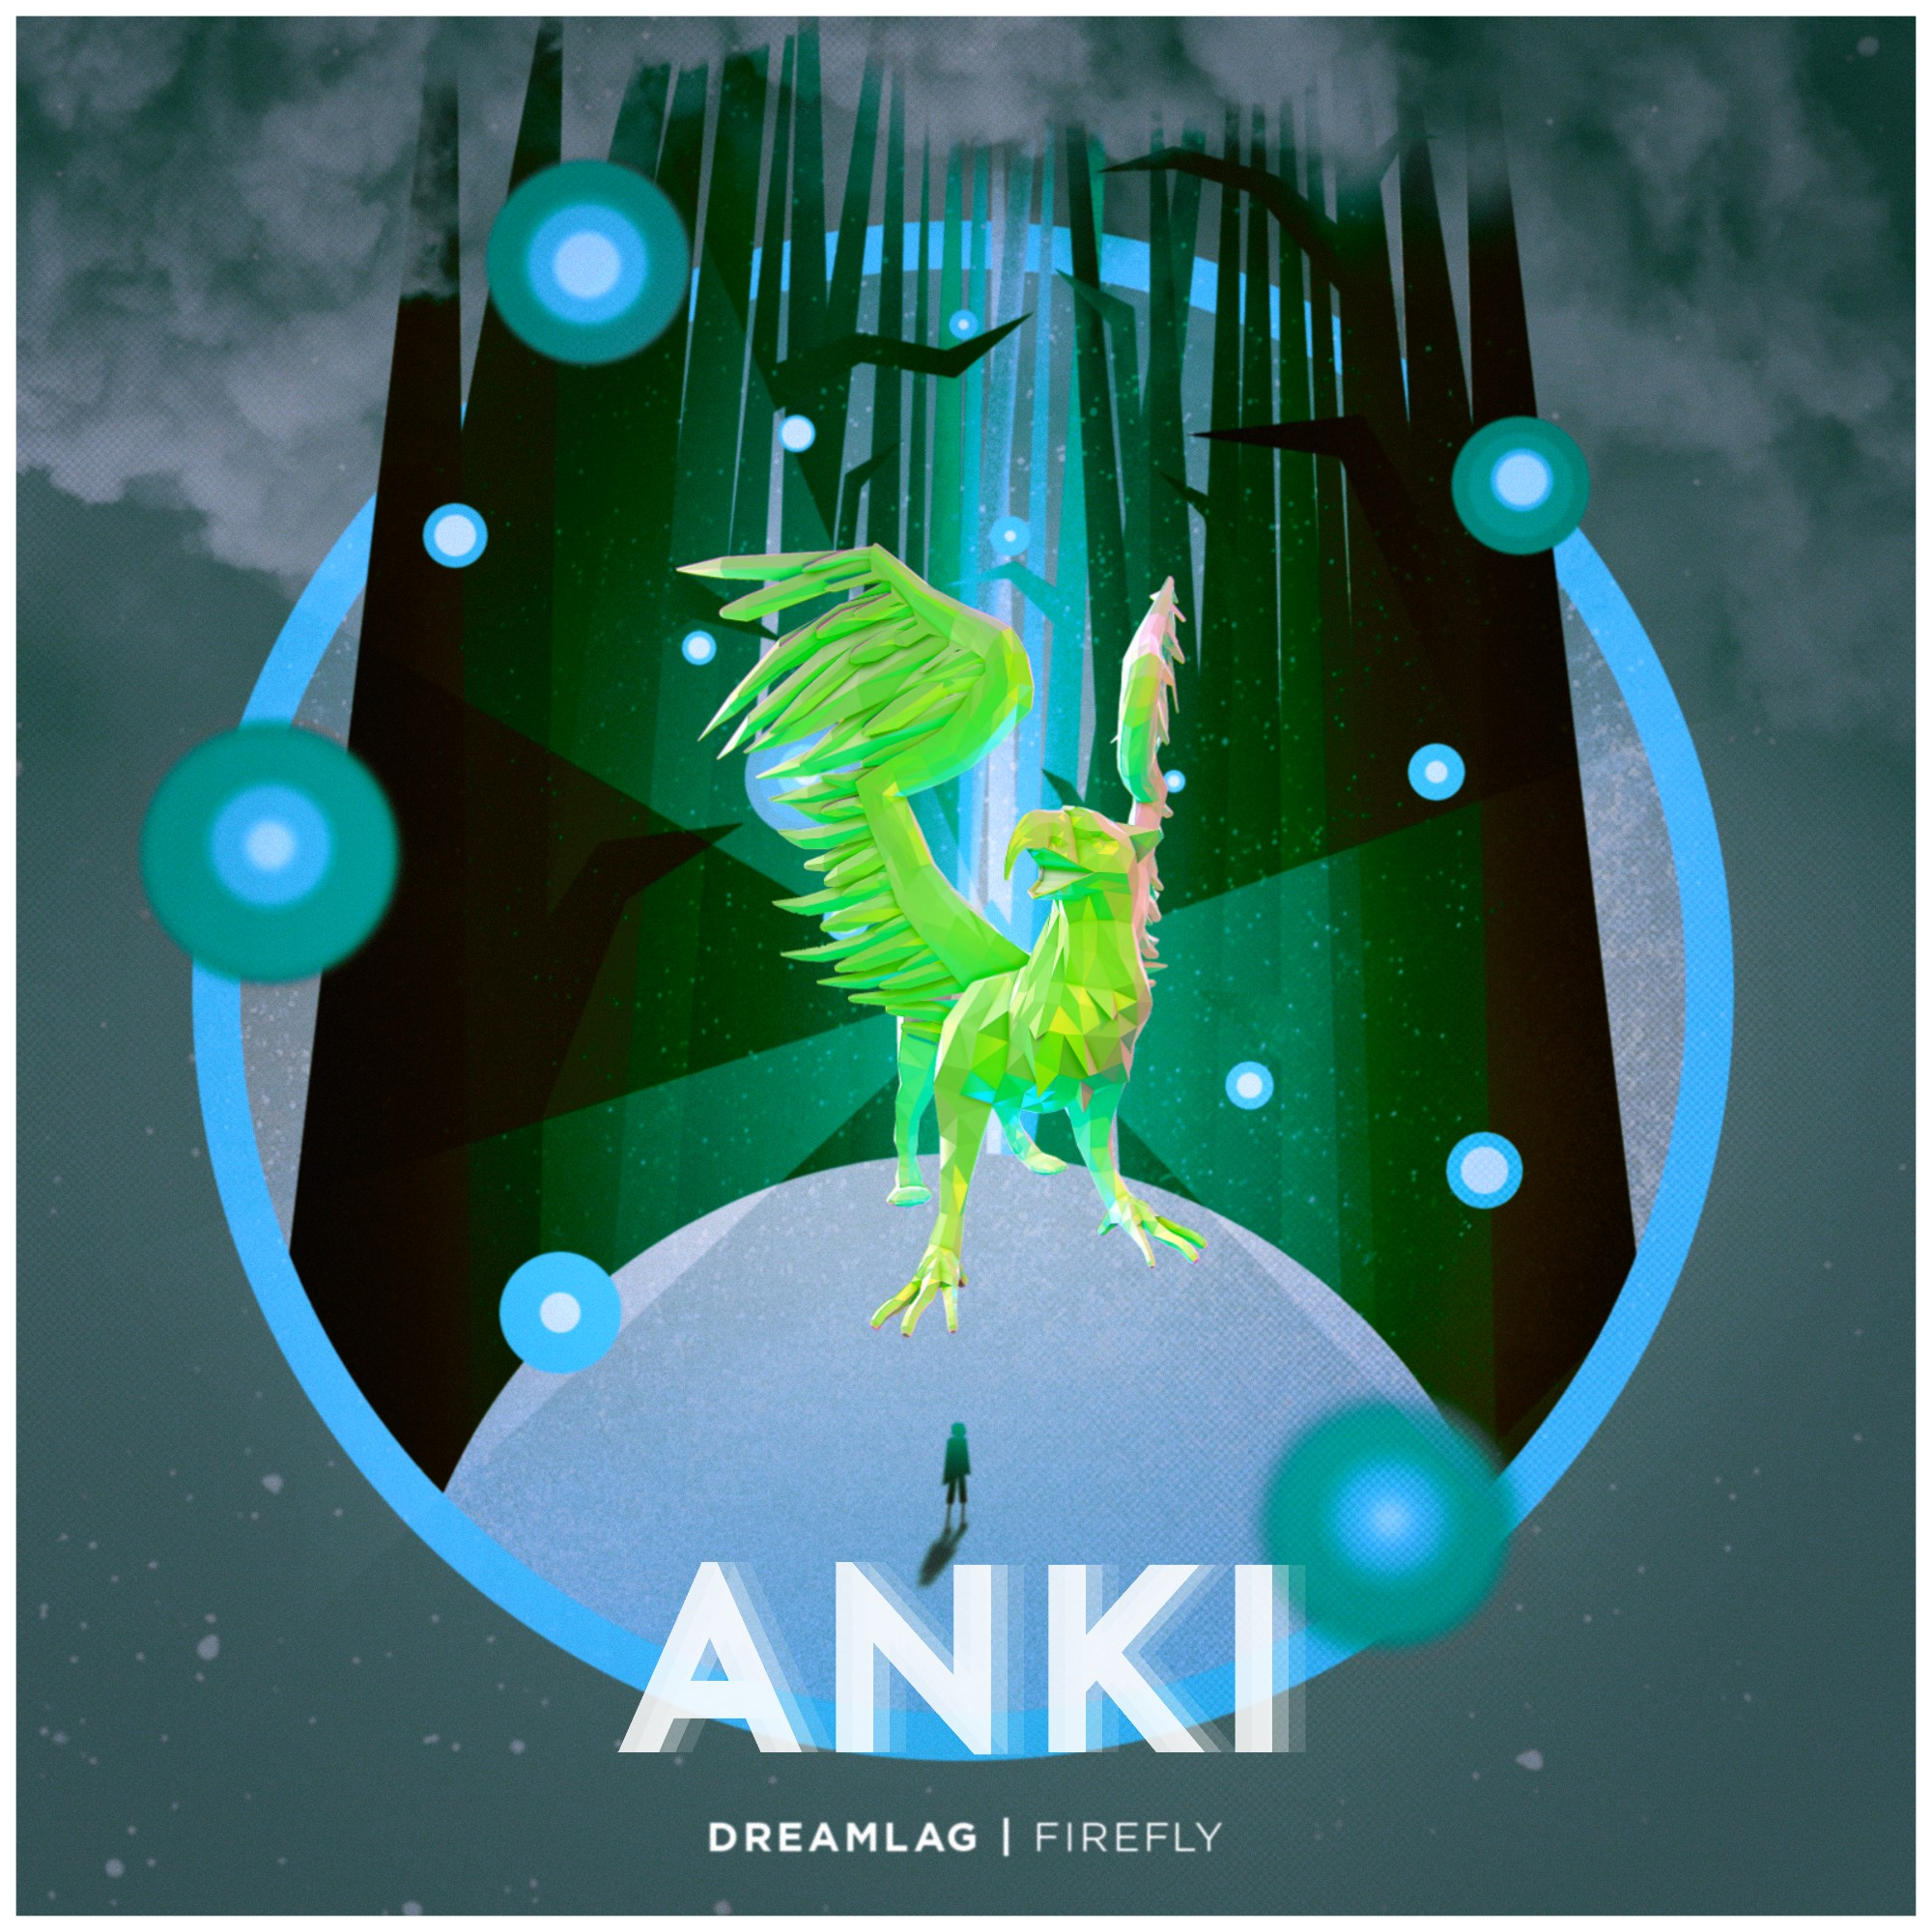 Dreamlag - Firefly (Anki Remix)